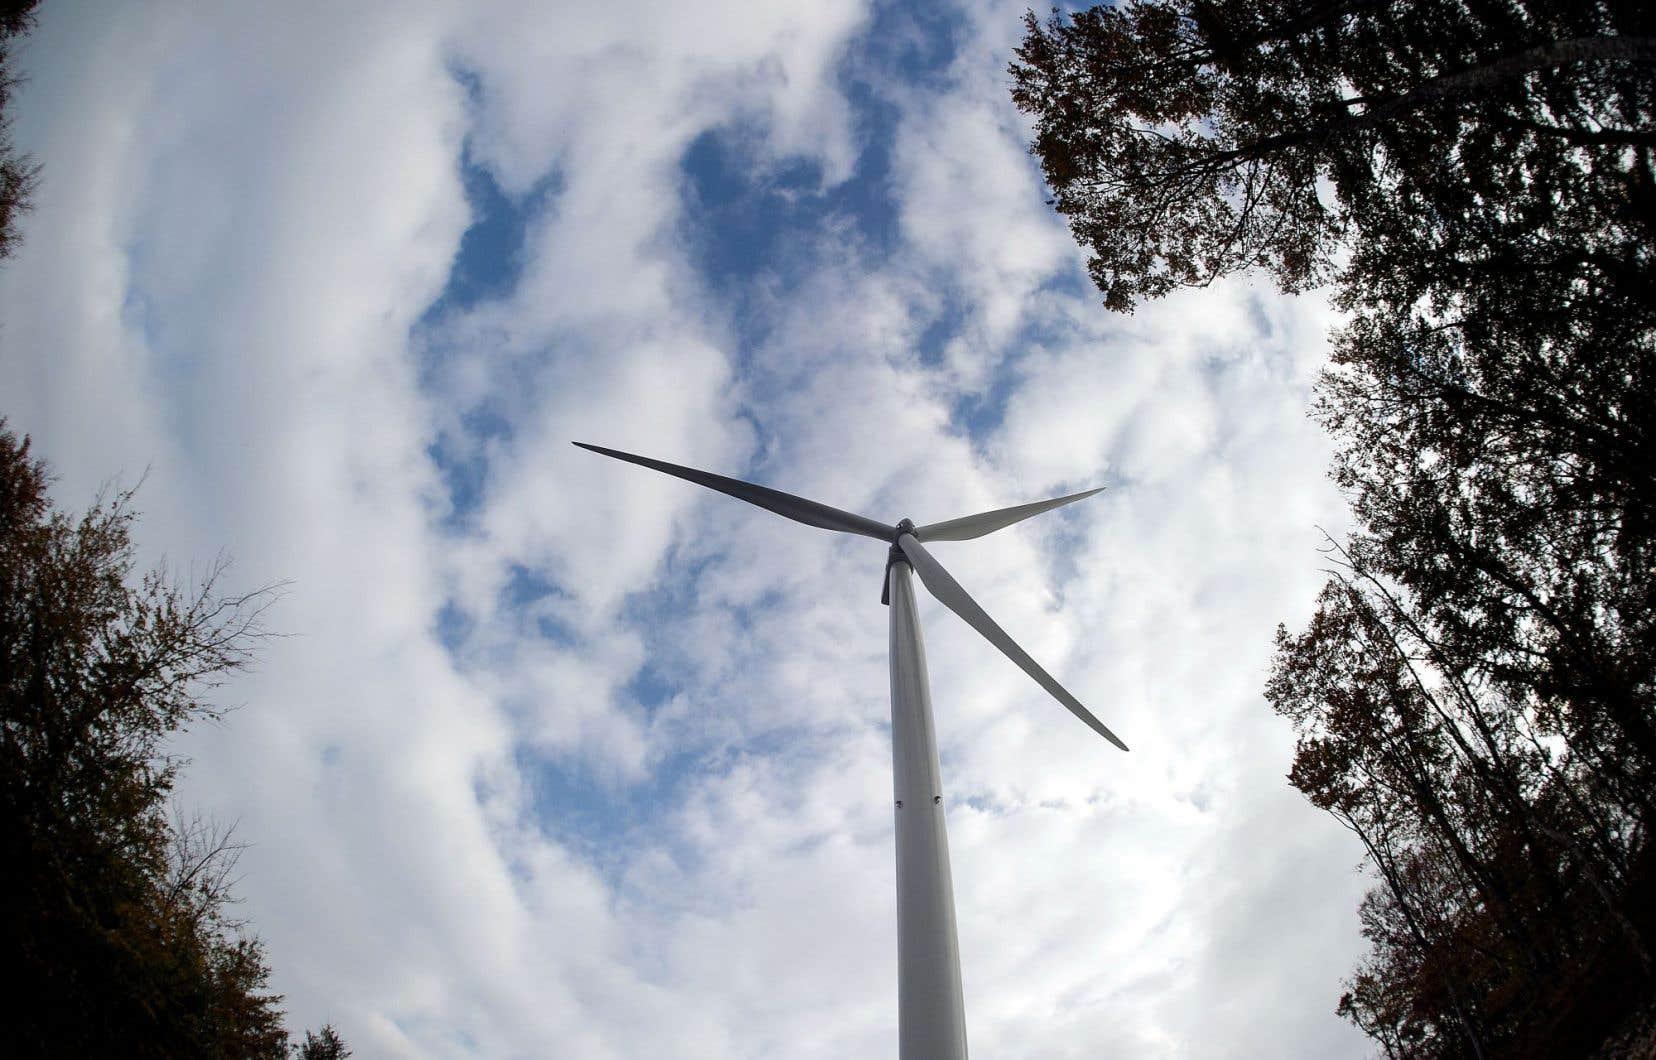 Au cours des dernières années, Hydro-Québec a présenté les appels d'offres pour de nouveaux parcs éoliens comme étant un des facteurs ayant contribué aux augmentations de tarifs qui ont été imposées aux clients.